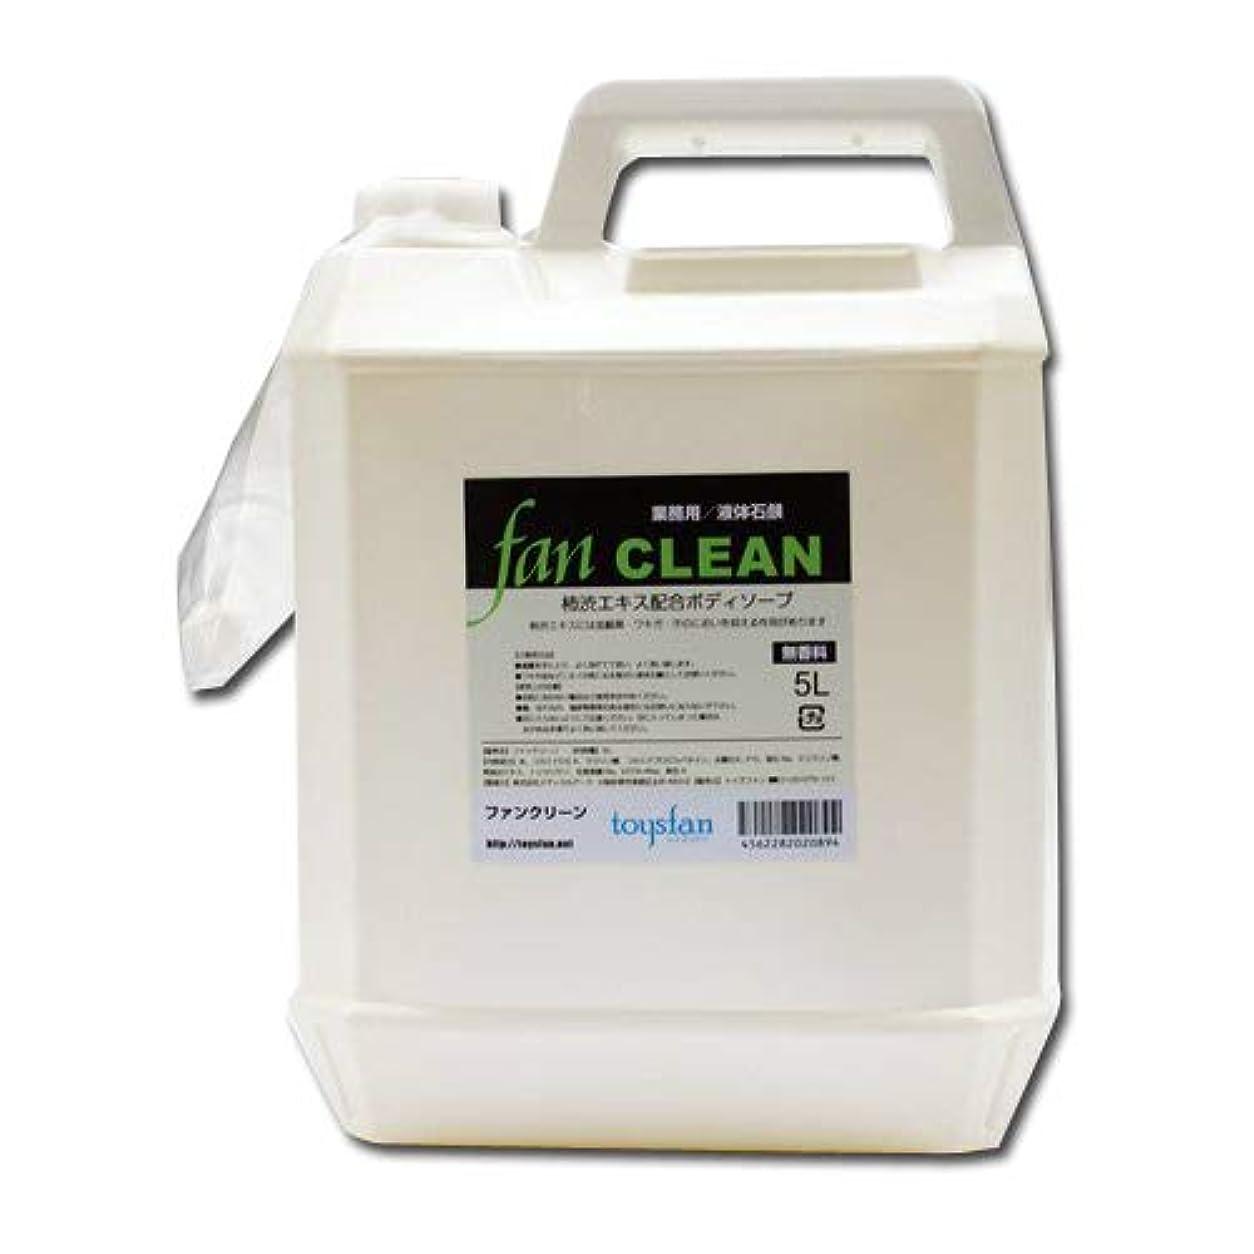 後ろに責めけがをするファンクリーン 5L 業務用殺菌液体石鹸FAN CLEAN殺菌成分トリクロサン配合薬用ボディソープ│柿渋エキス配合 大容量液体せっけん グリンス 体臭予防対策